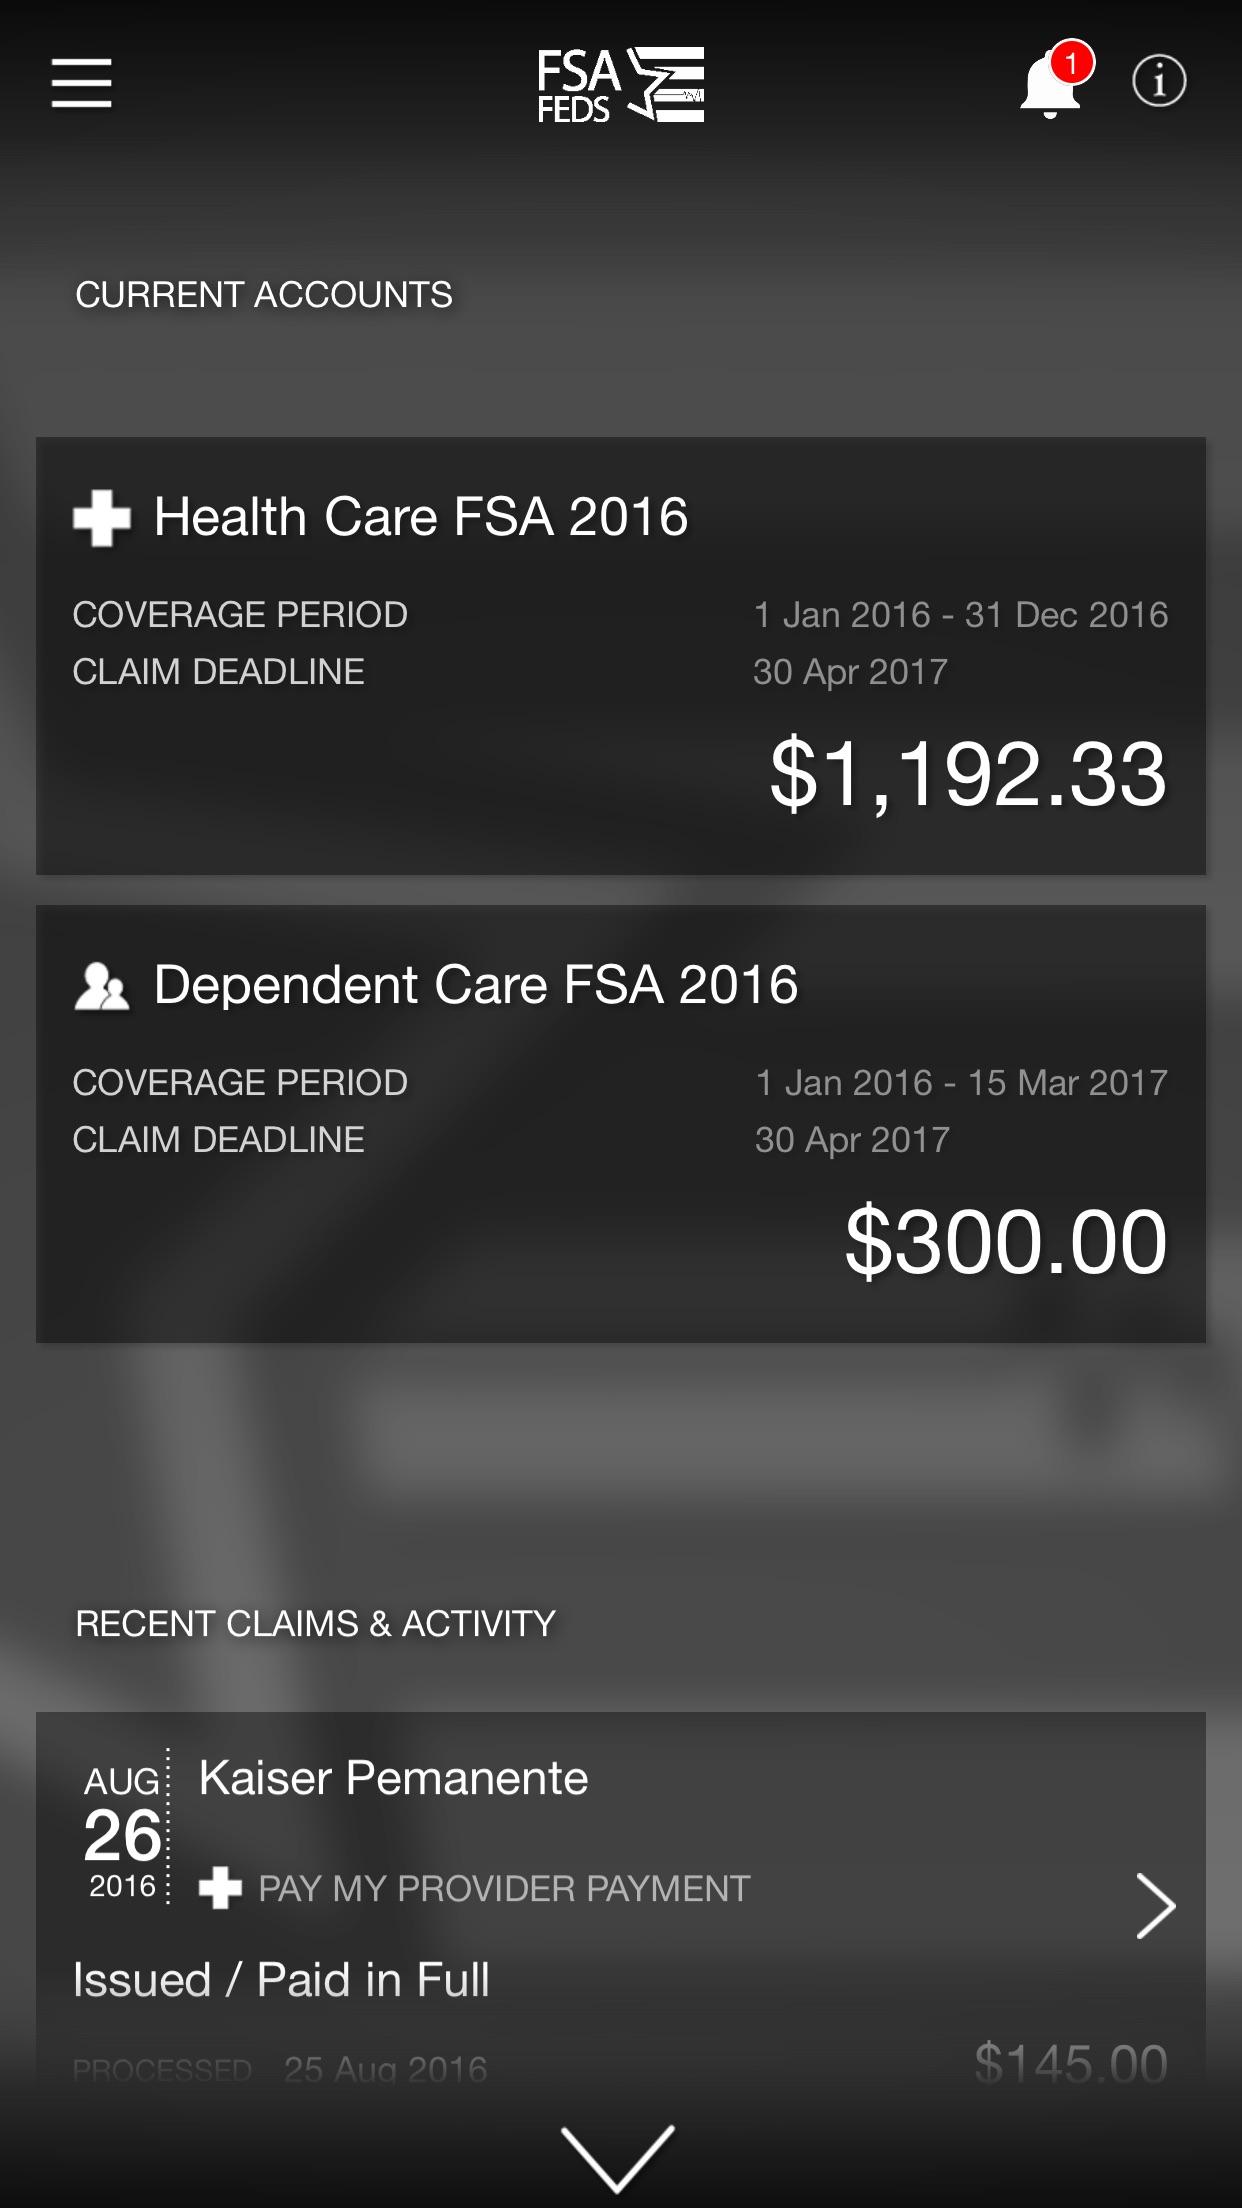 FSAFEDS Screenshot